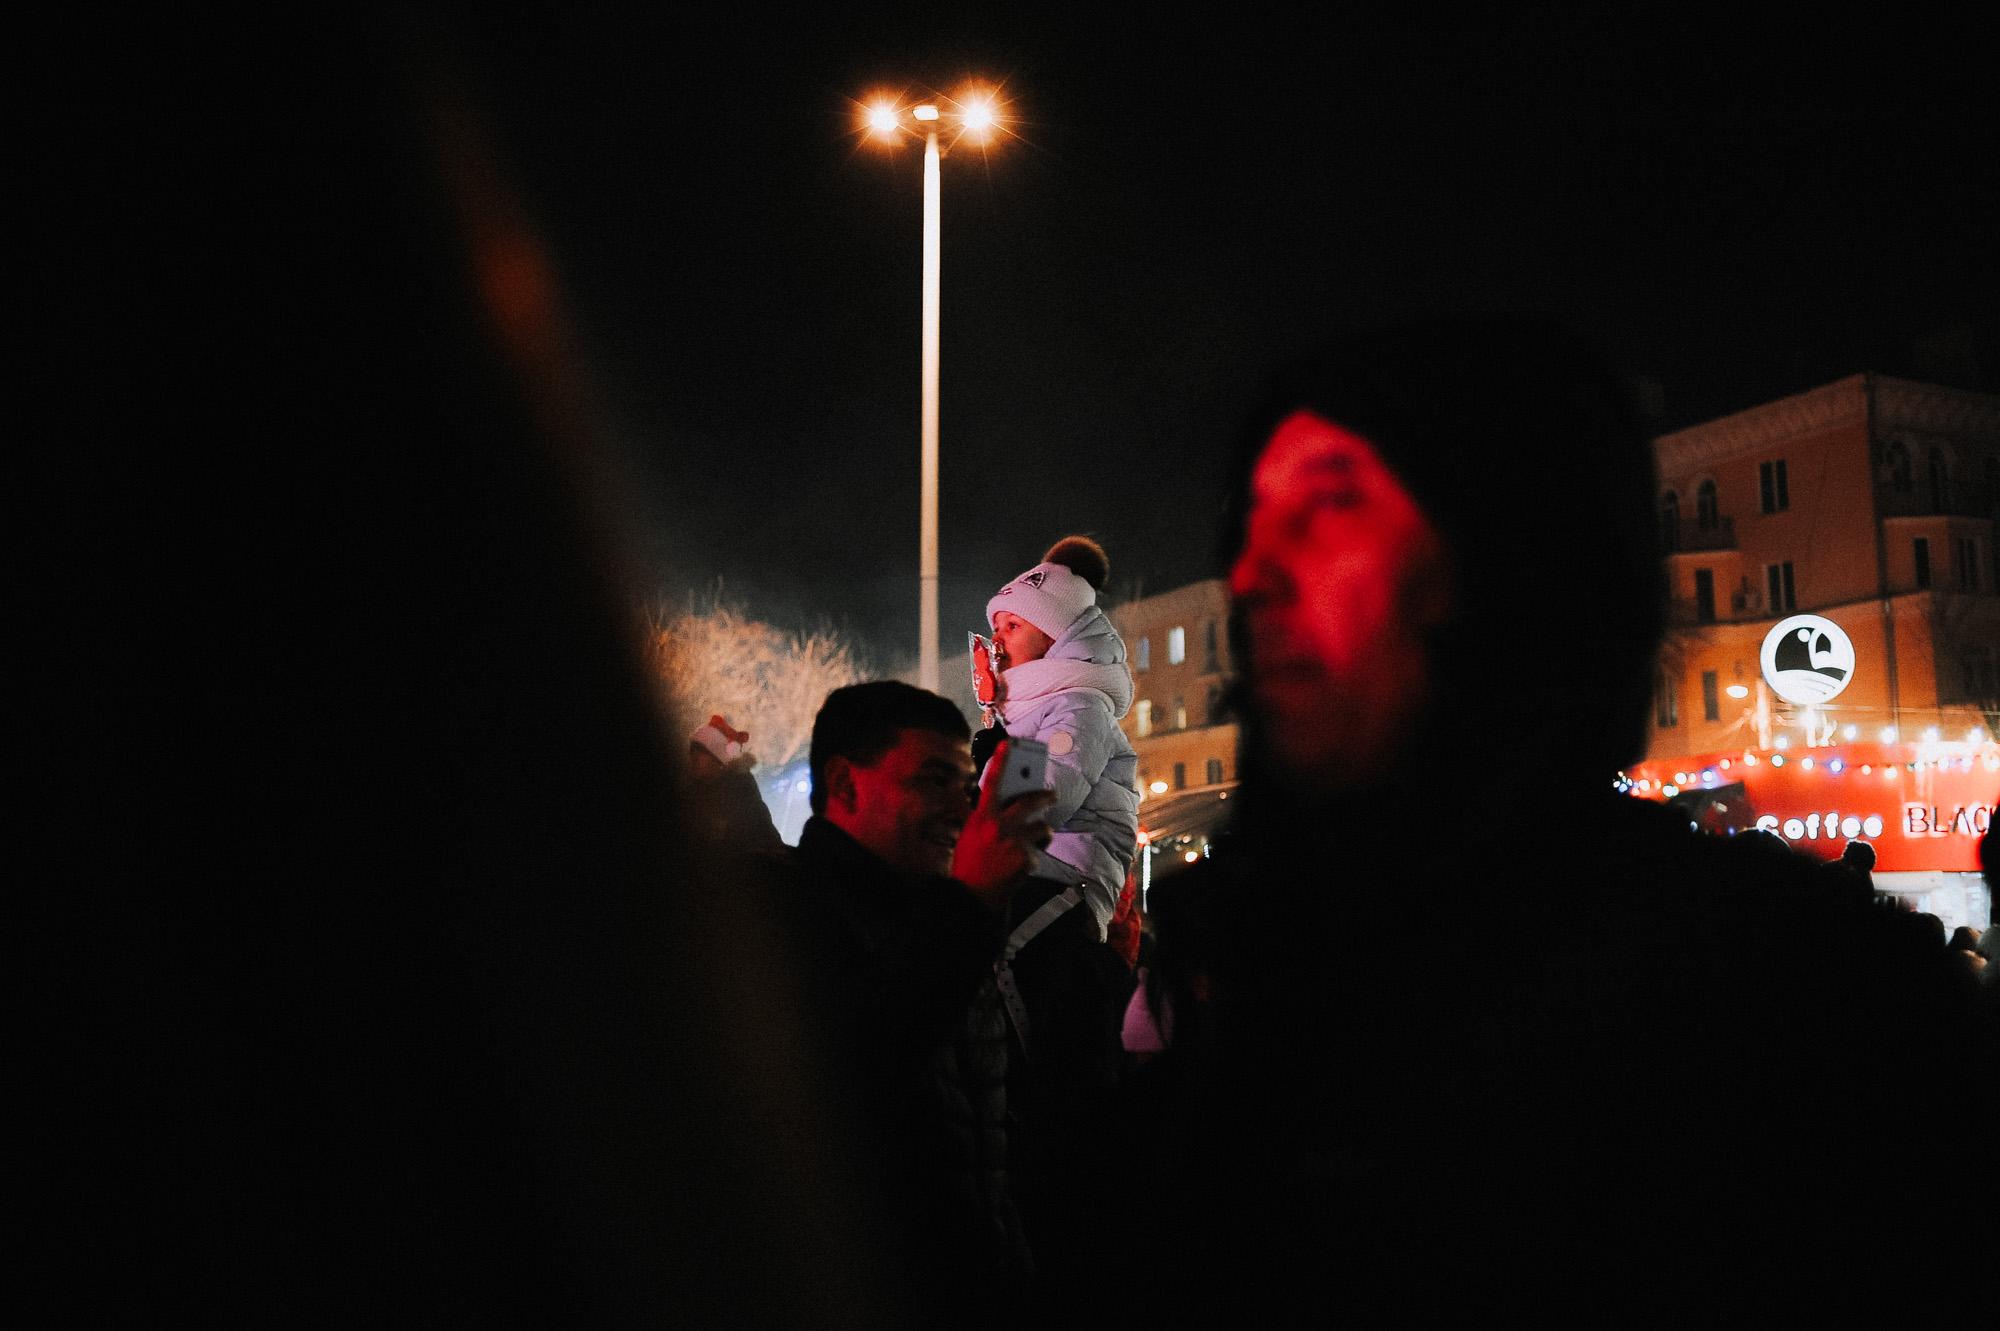 ZZZ 6839 В Астрахани на площади Ленина зажгли новогоднюю елку: кадры торжества